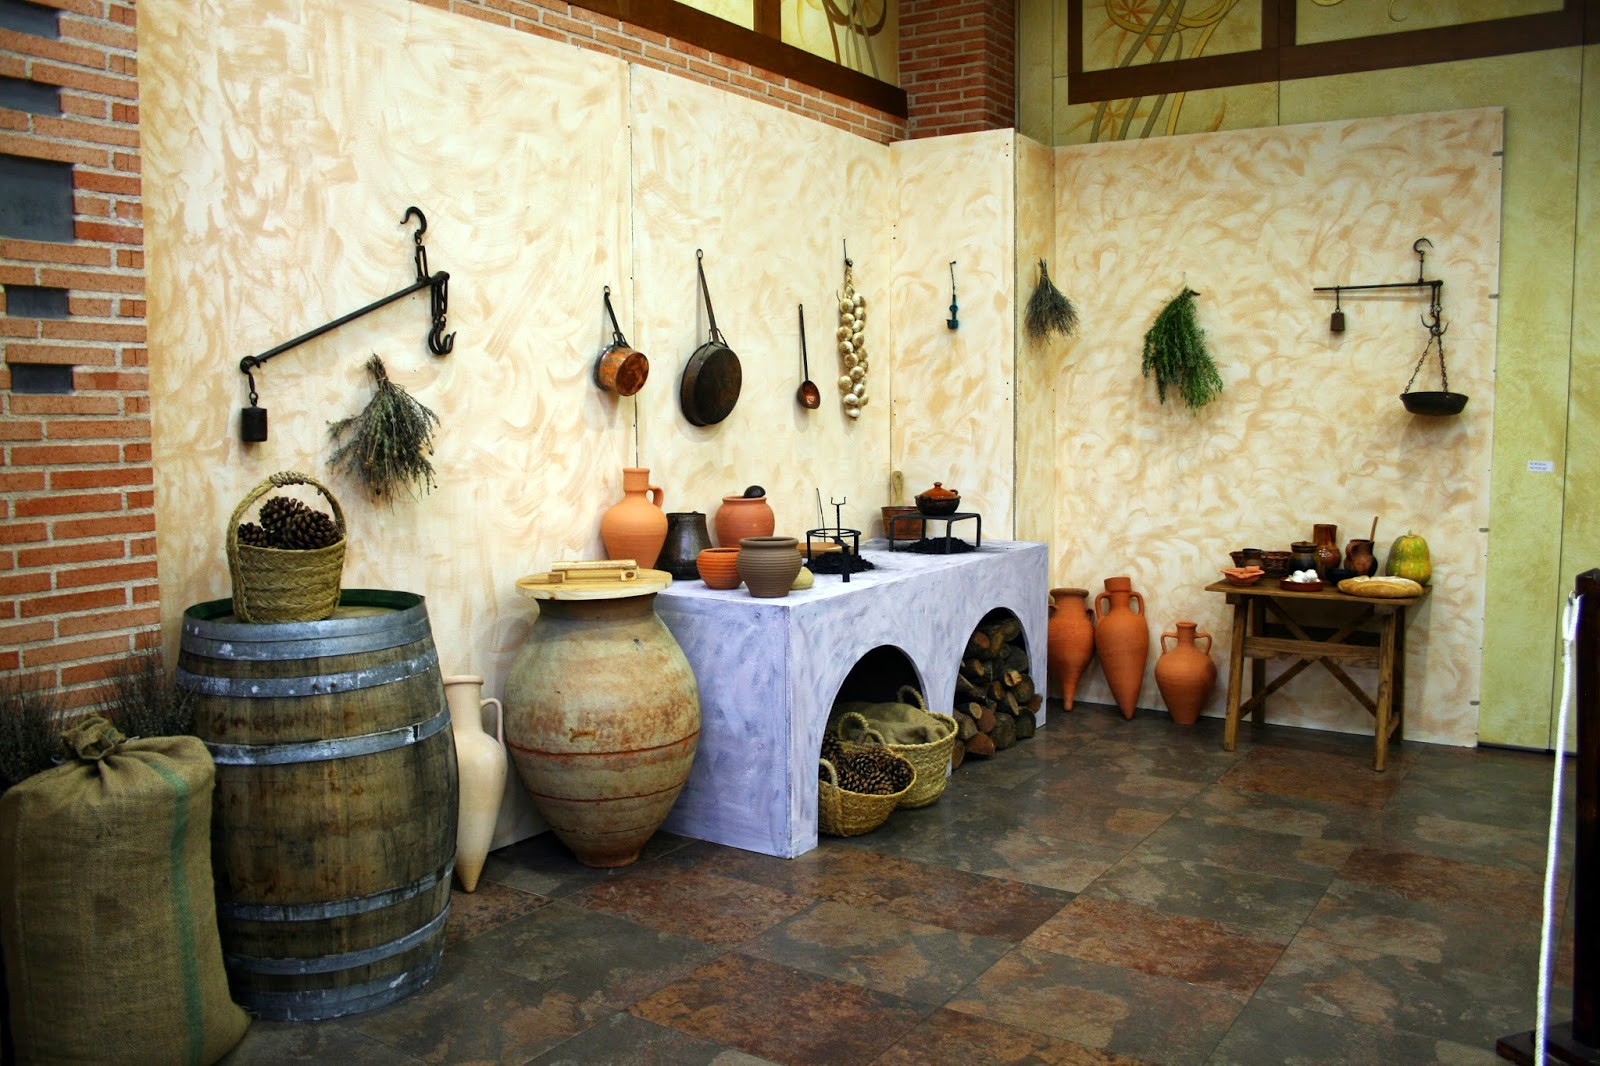 DOMVS ROMANA: Coquus, artista en la cocina romana